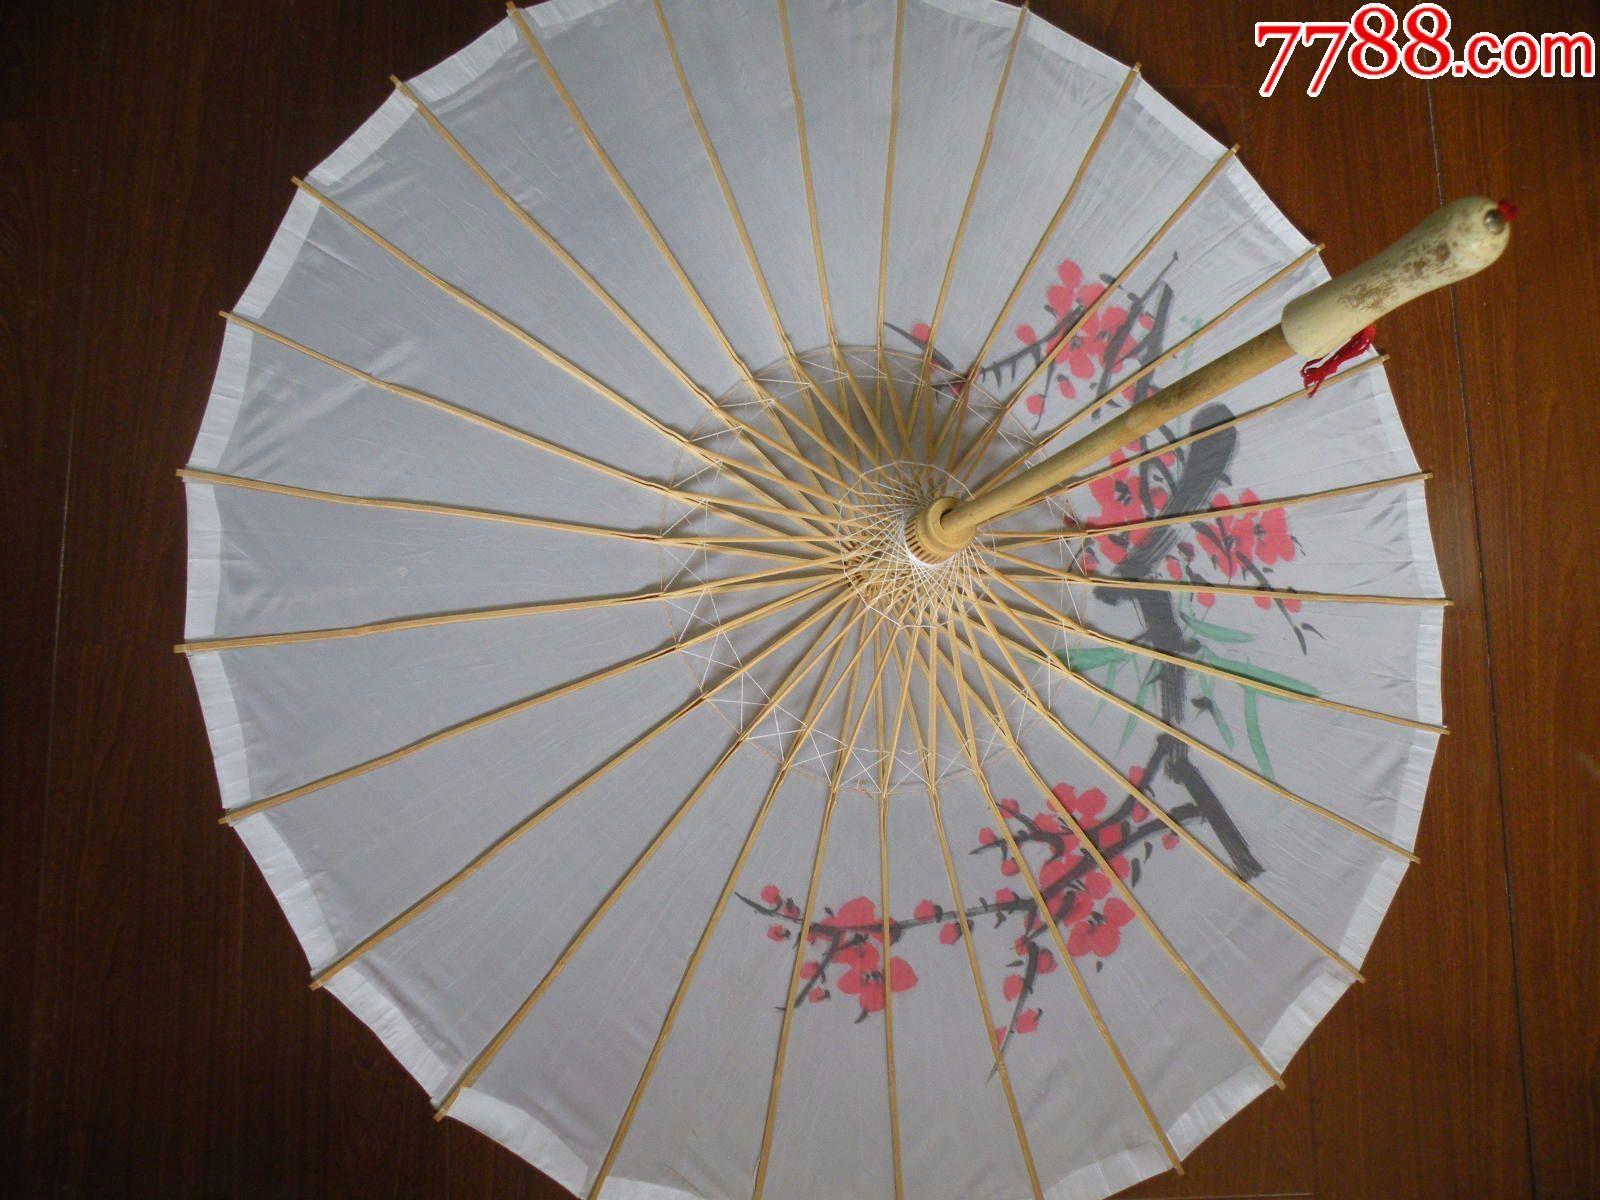 80年代手工制作的绢布伞竹子骨架